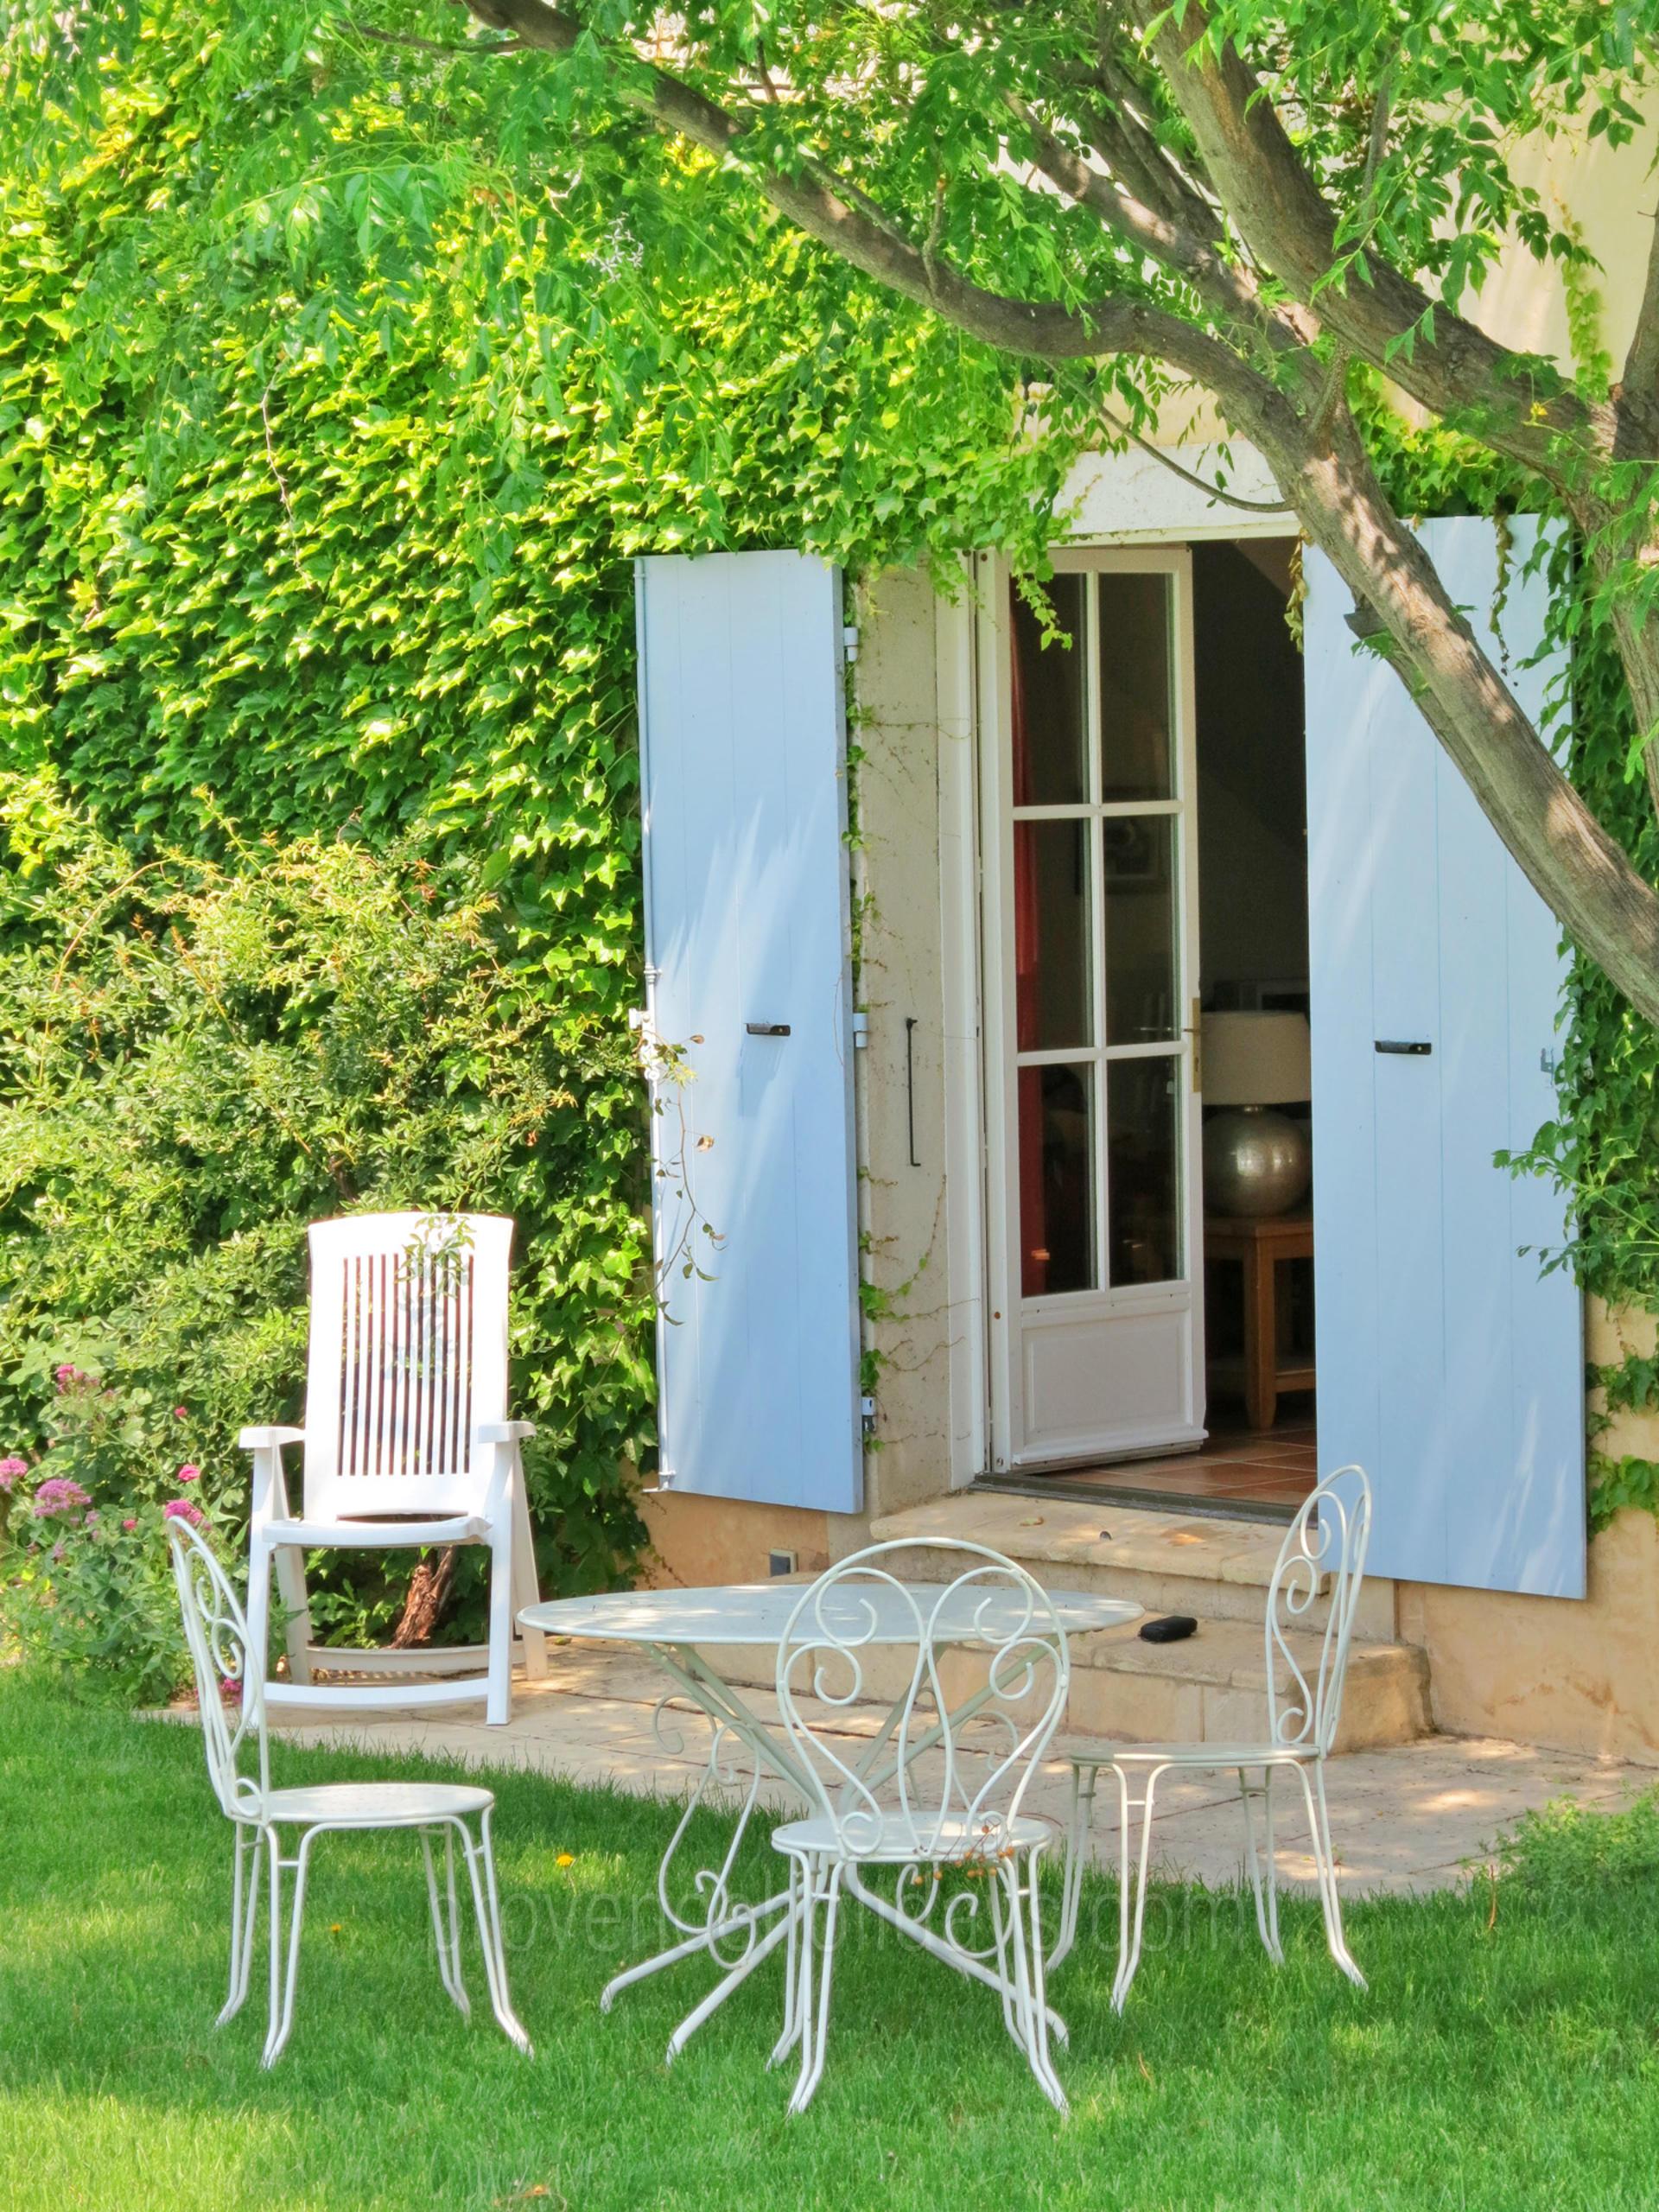 location de vacances mouri s alpilles location d 39 une bastide pour les vacances avec. Black Bedroom Furniture Sets. Home Design Ideas